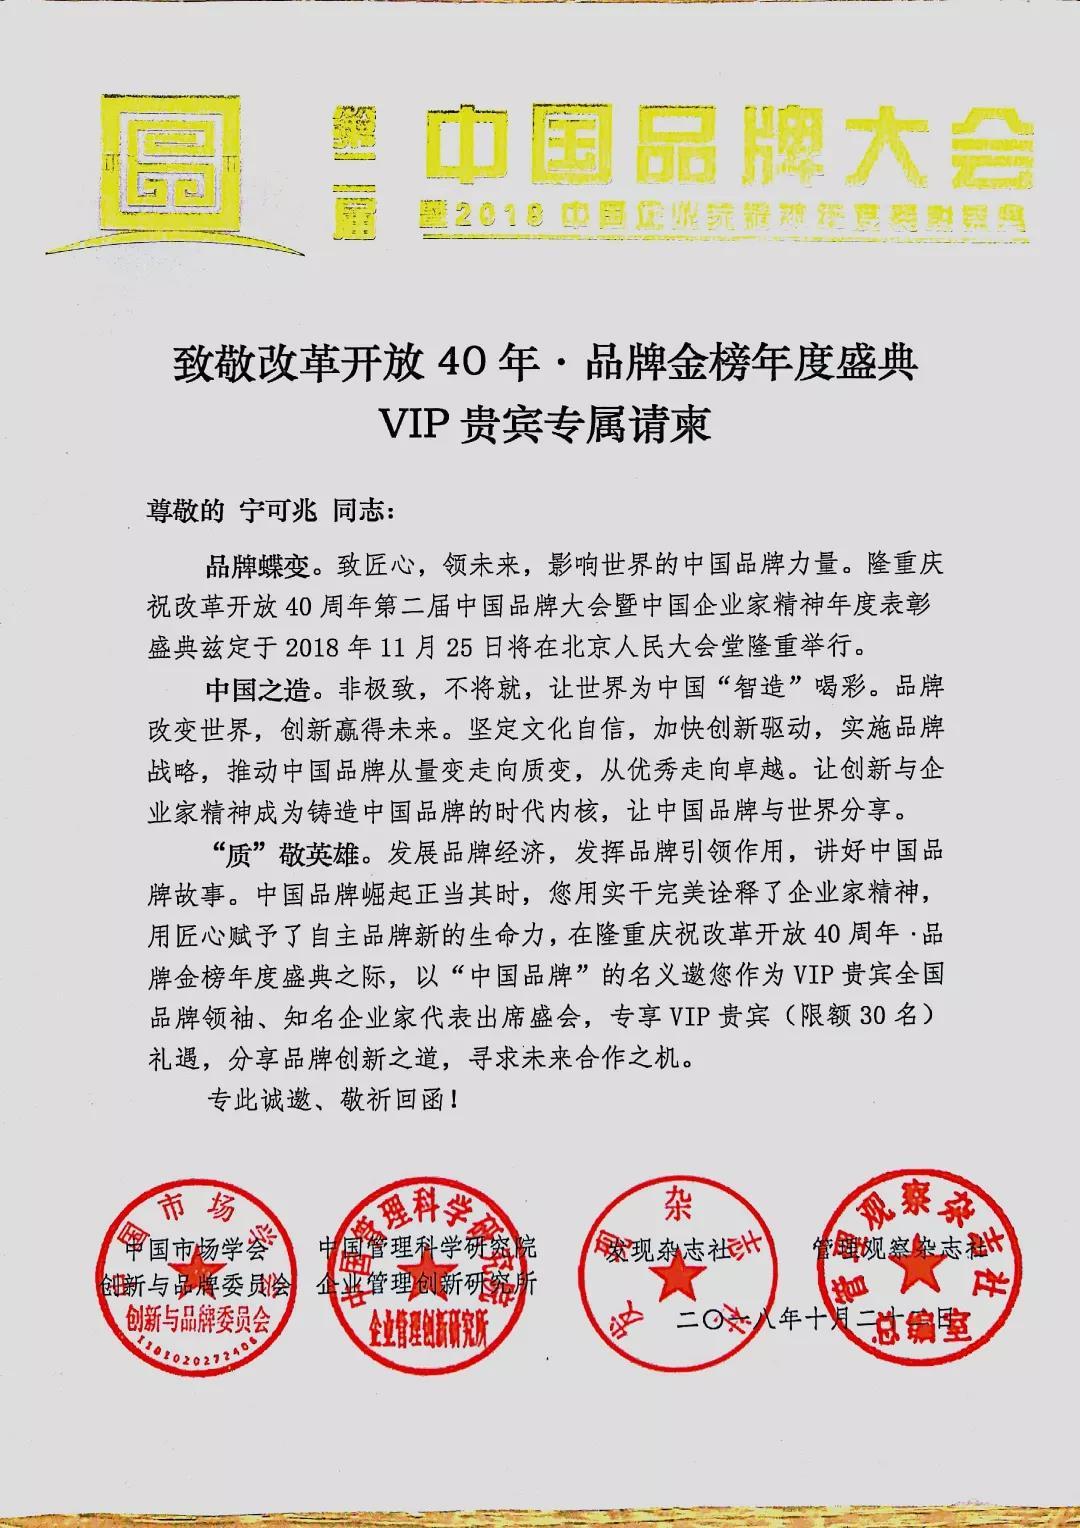 卡丝中国品牌大会7